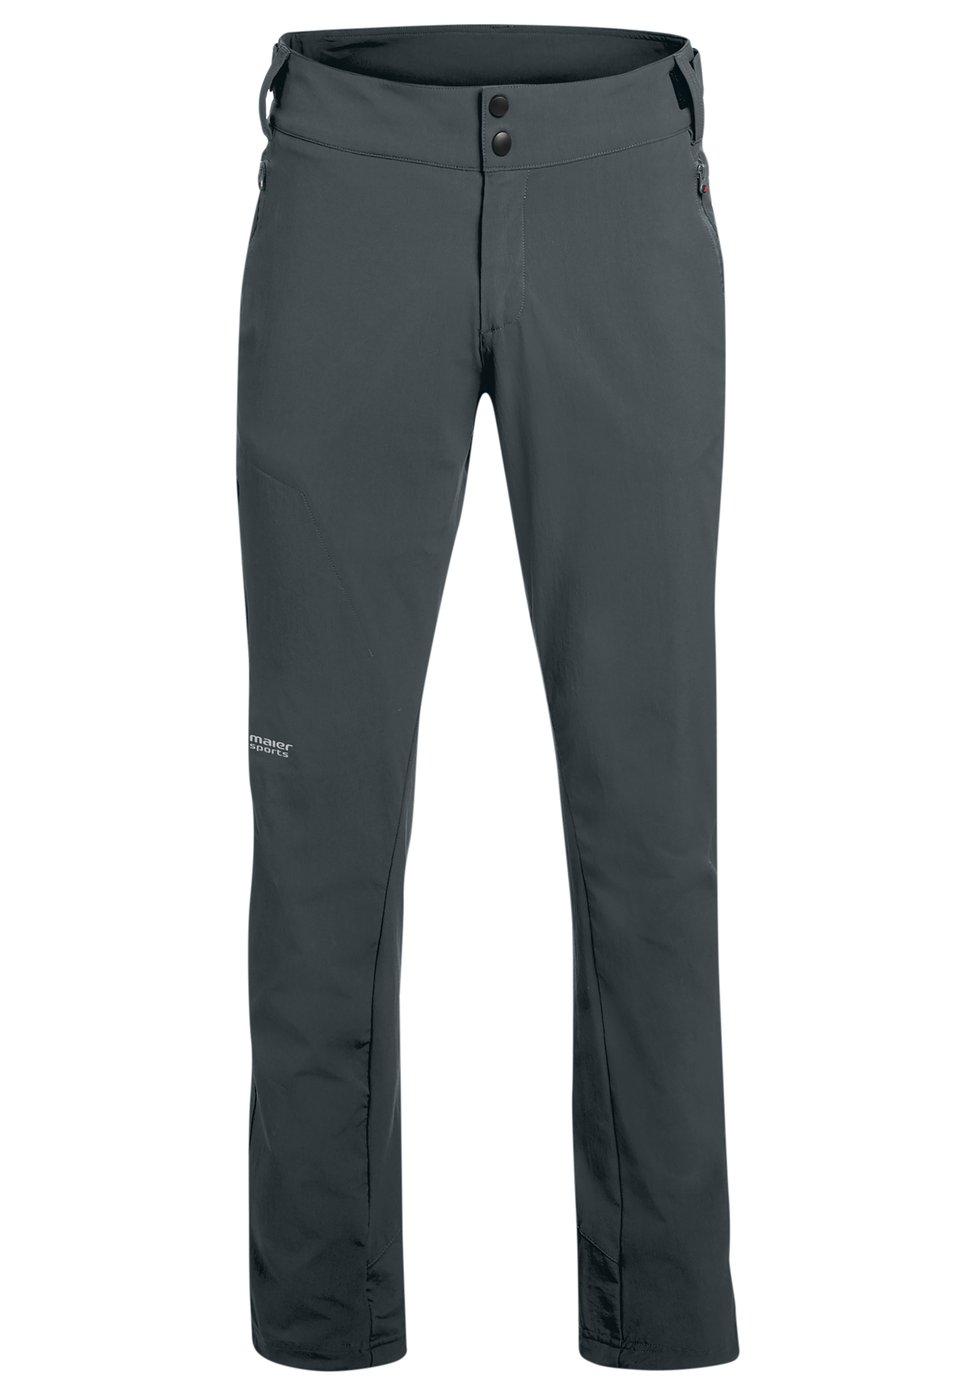 Брюки для активного отдыха MAIER 2018 Anhalt M graphite, Одежда для зимних видов спорта - арт. 1037630410